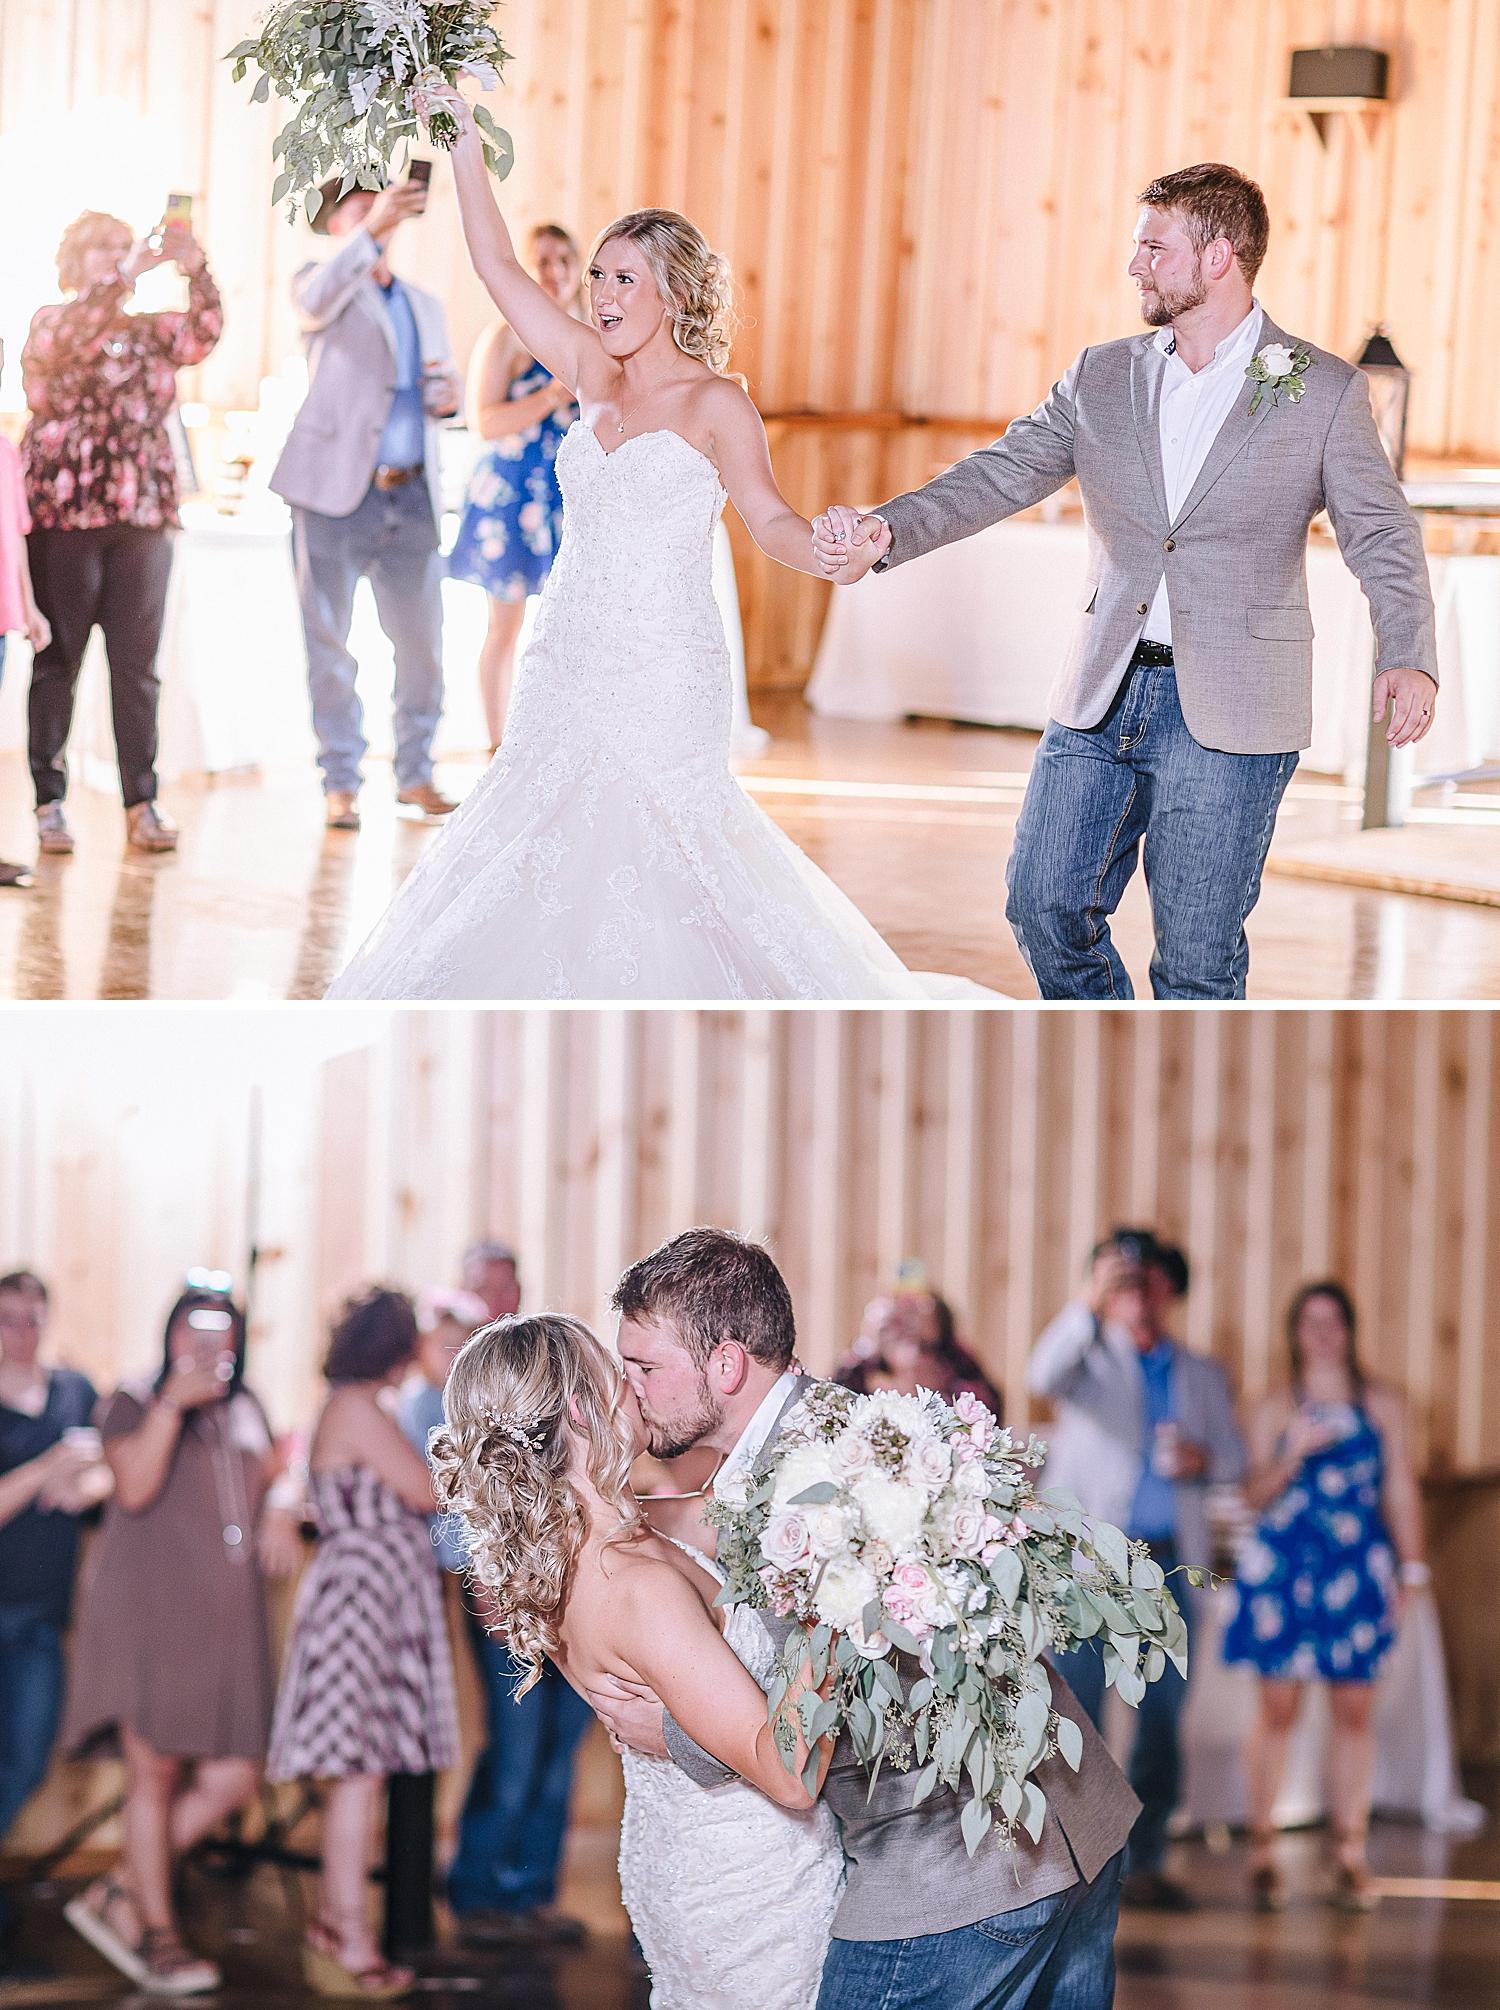 Rackler-Ranch-LaVernia-Texas-Wedding-Carly-Barton-Photography_0113.jpg